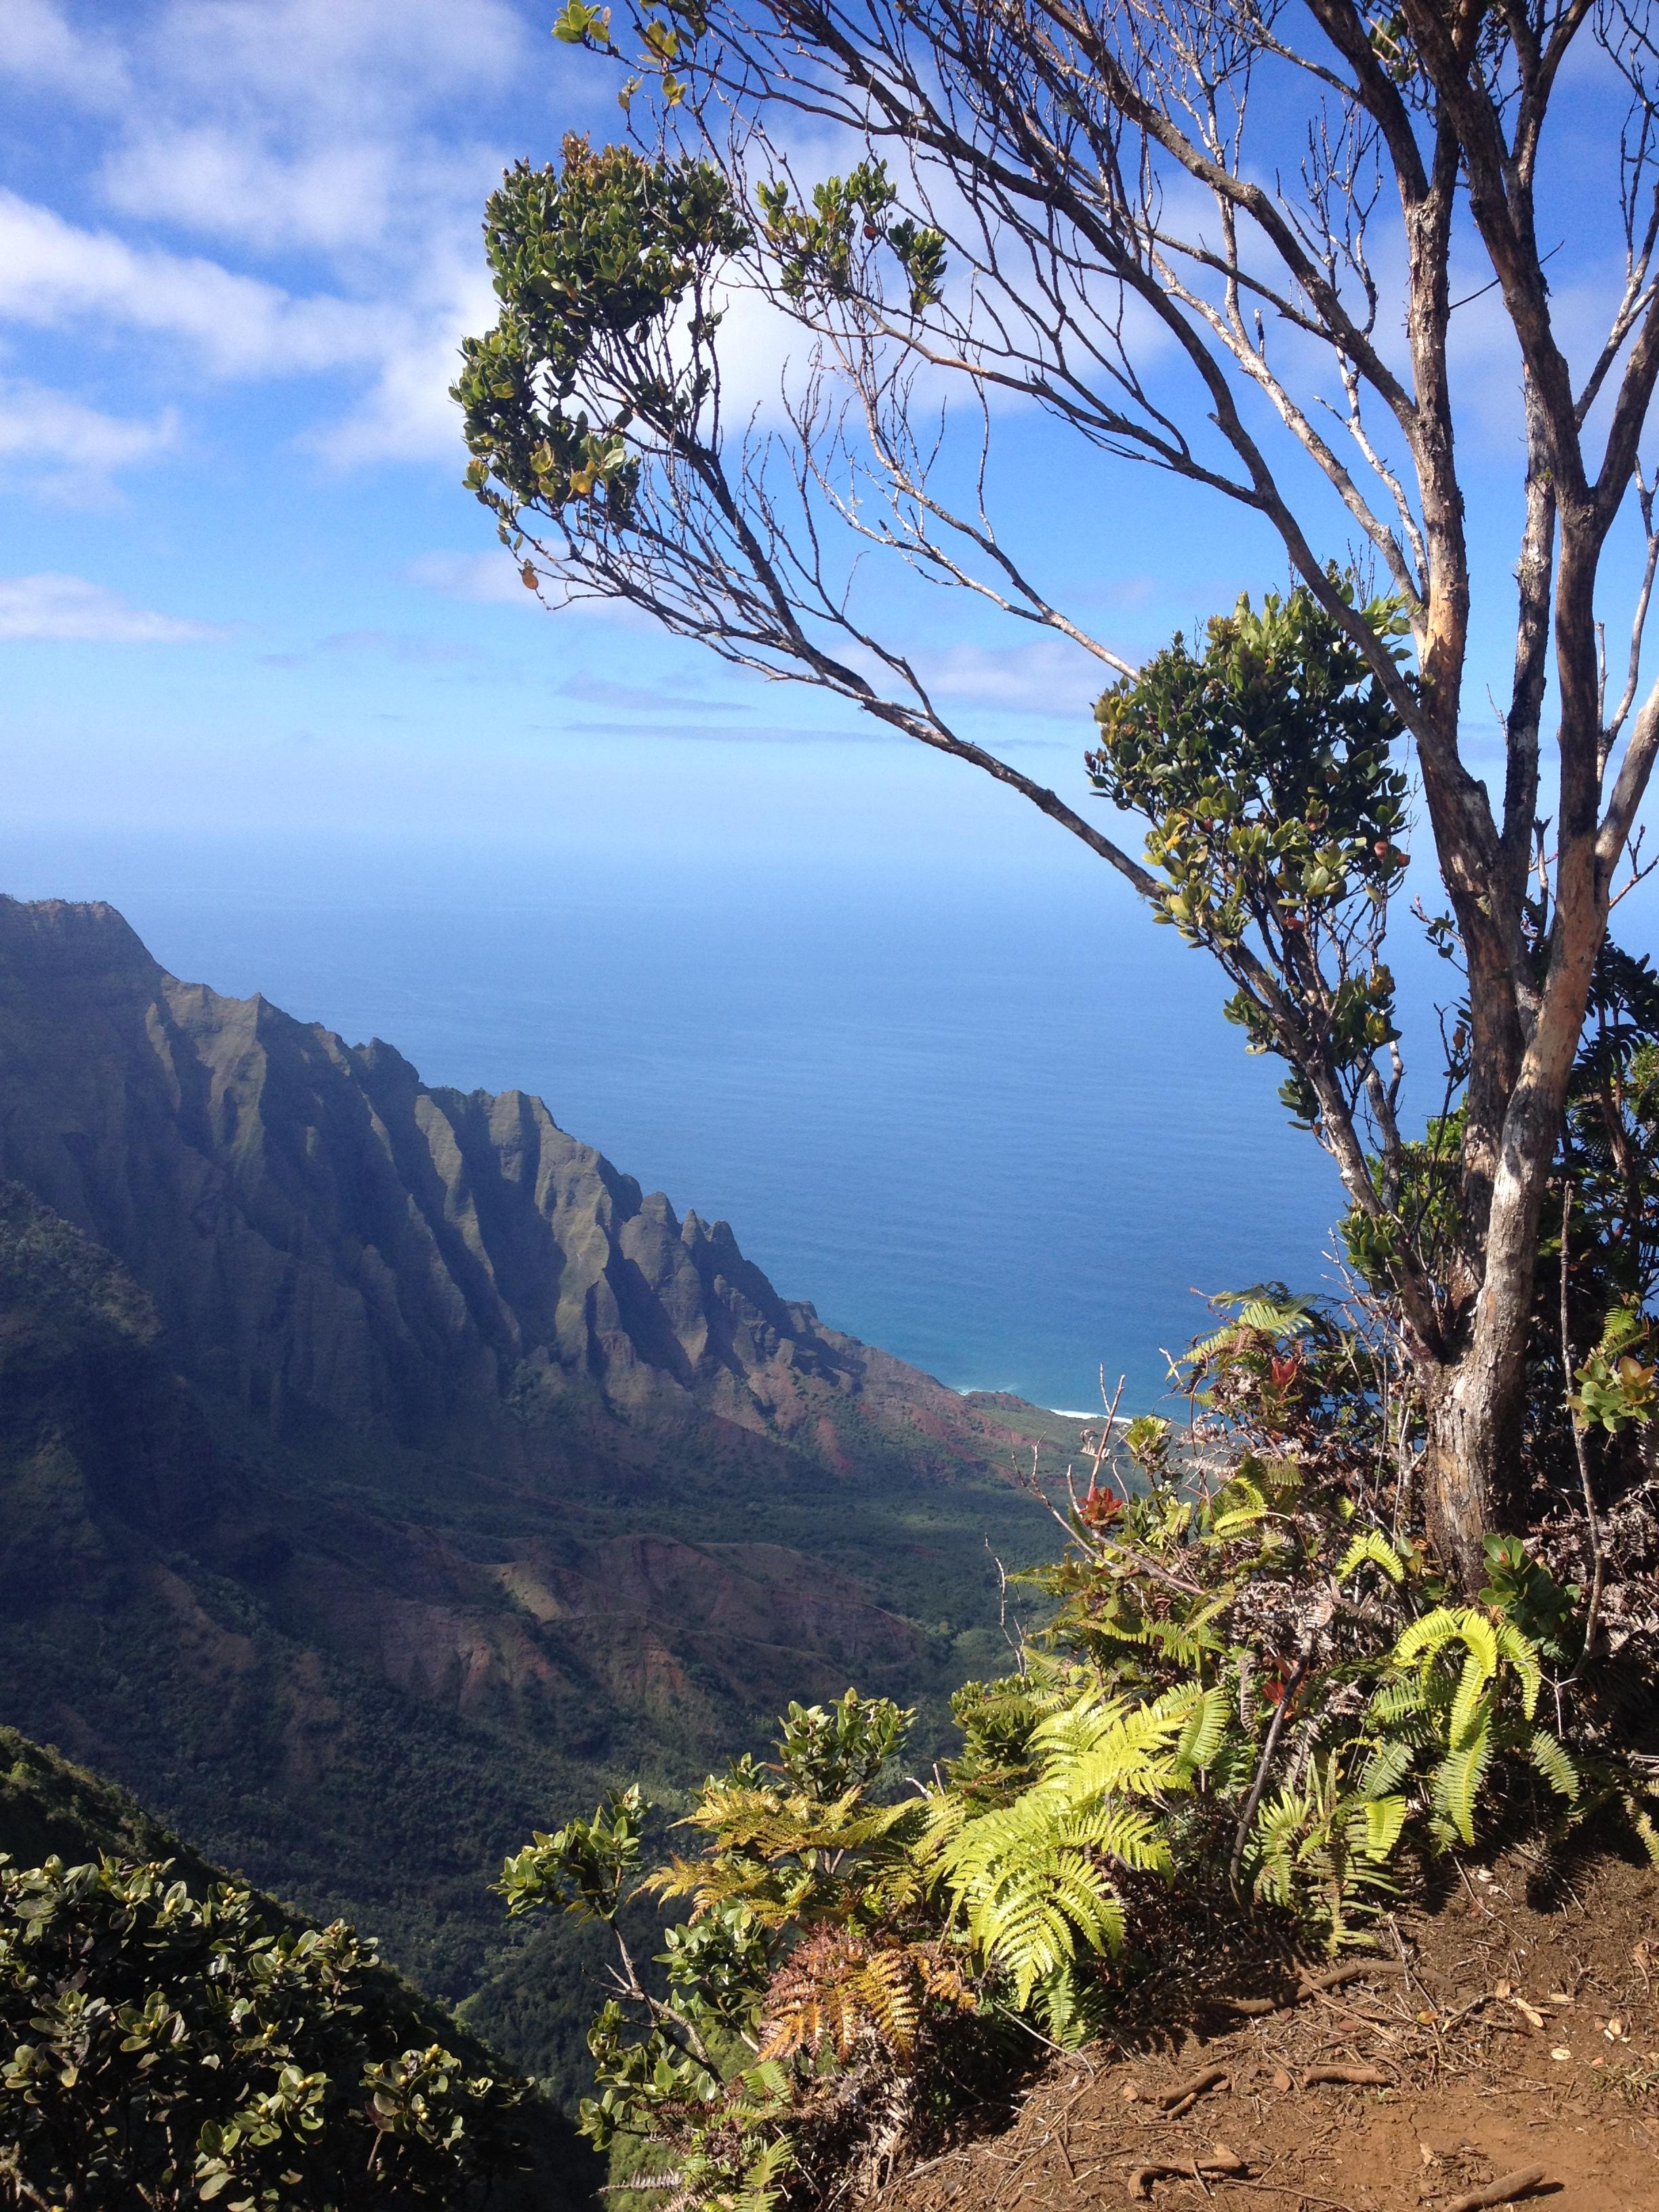 Kauai/Hawaii is always a good idea…